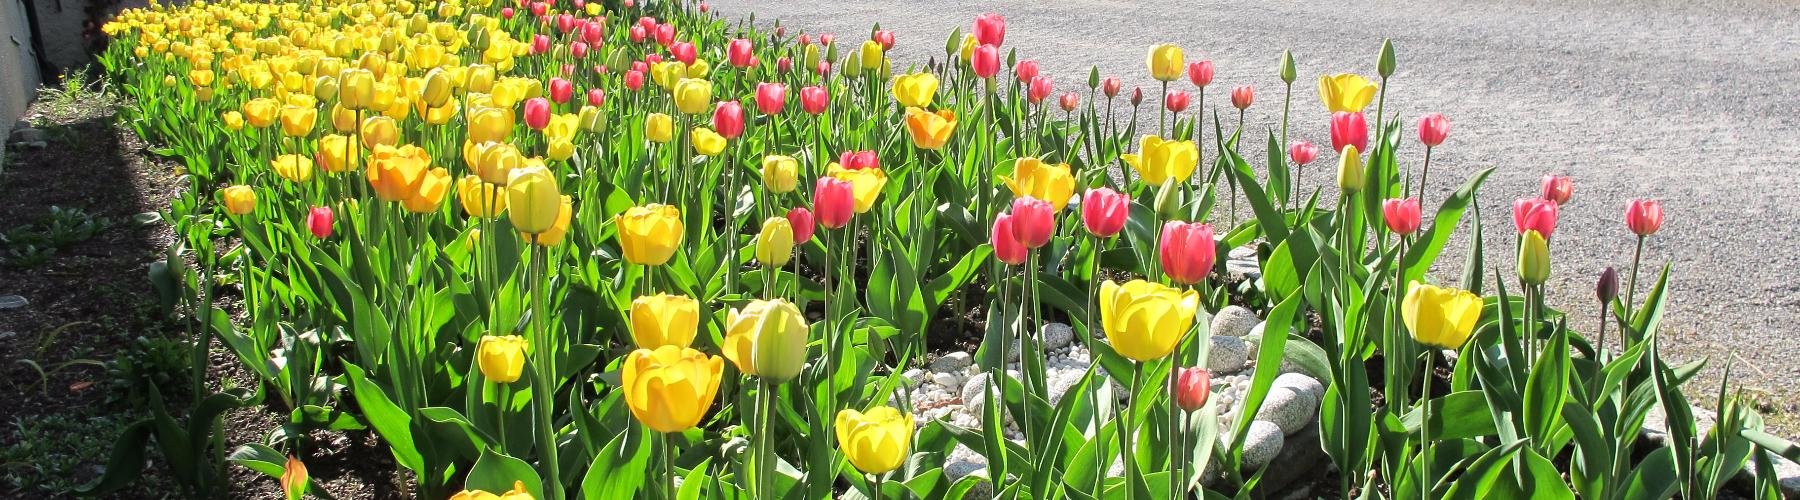 Vea-Statens fagkole for gartnere og blomsterdekoratører cover image